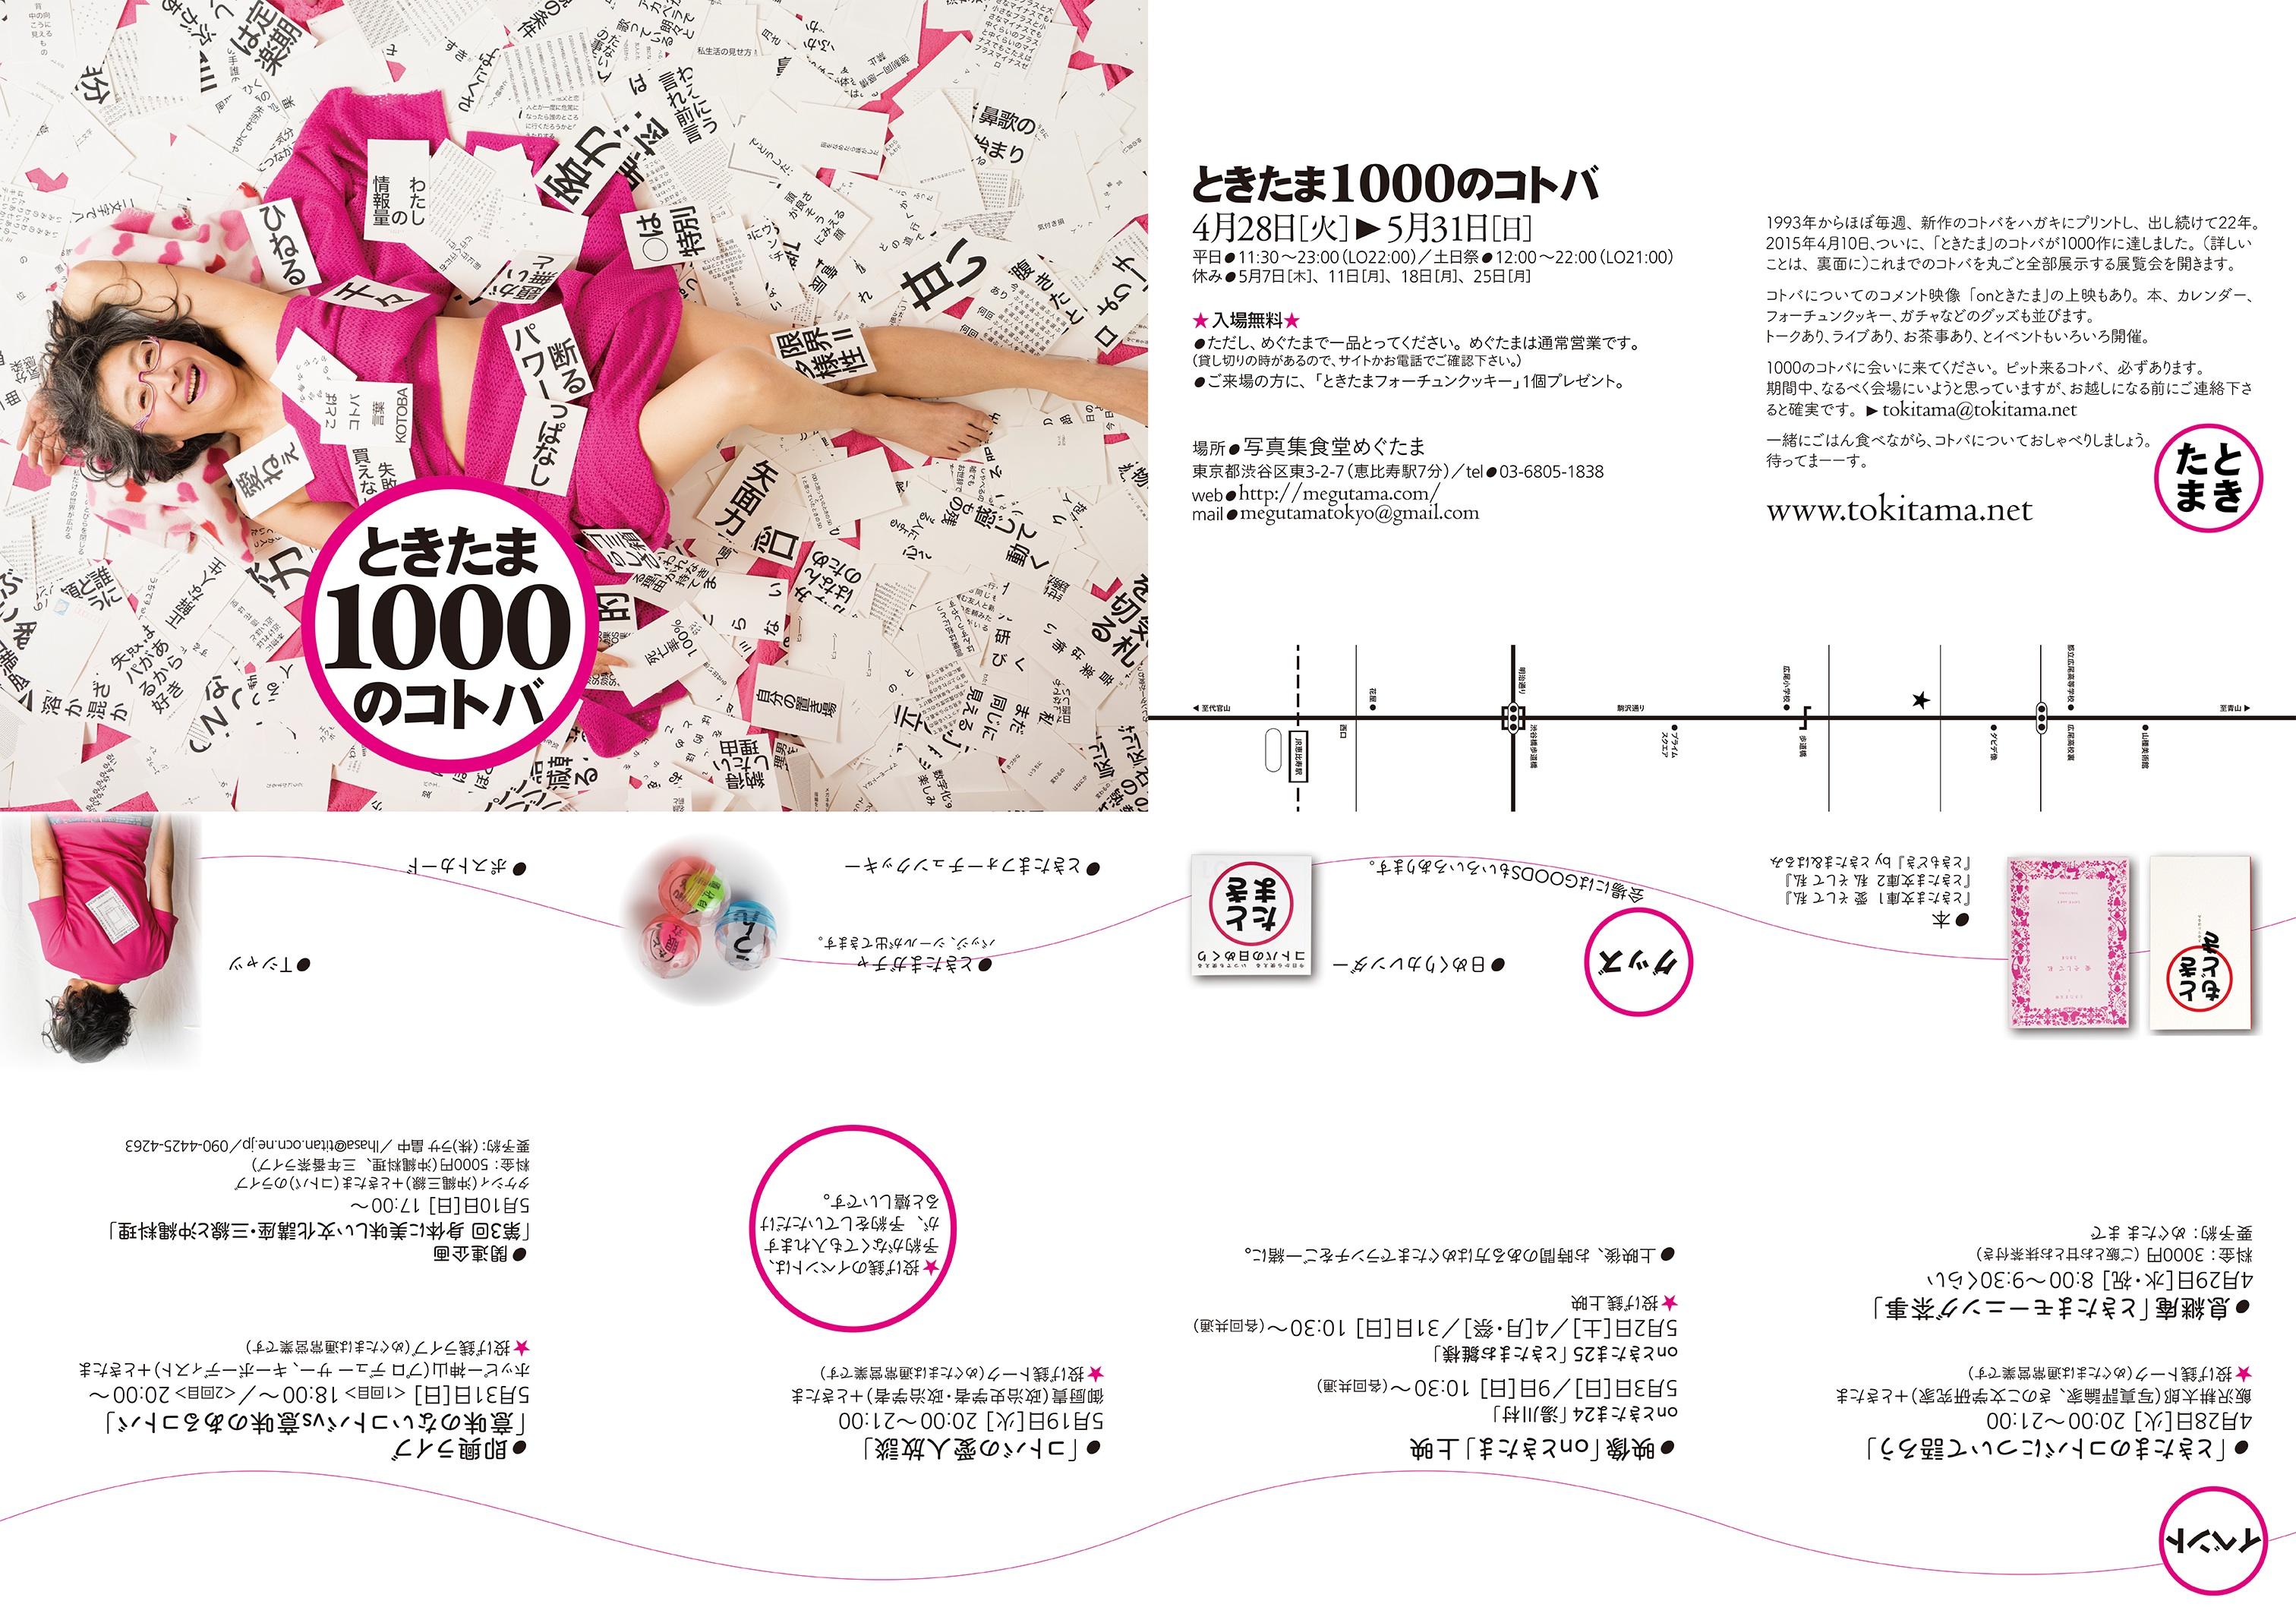 Tokitama_flyer_omote_B のコピー